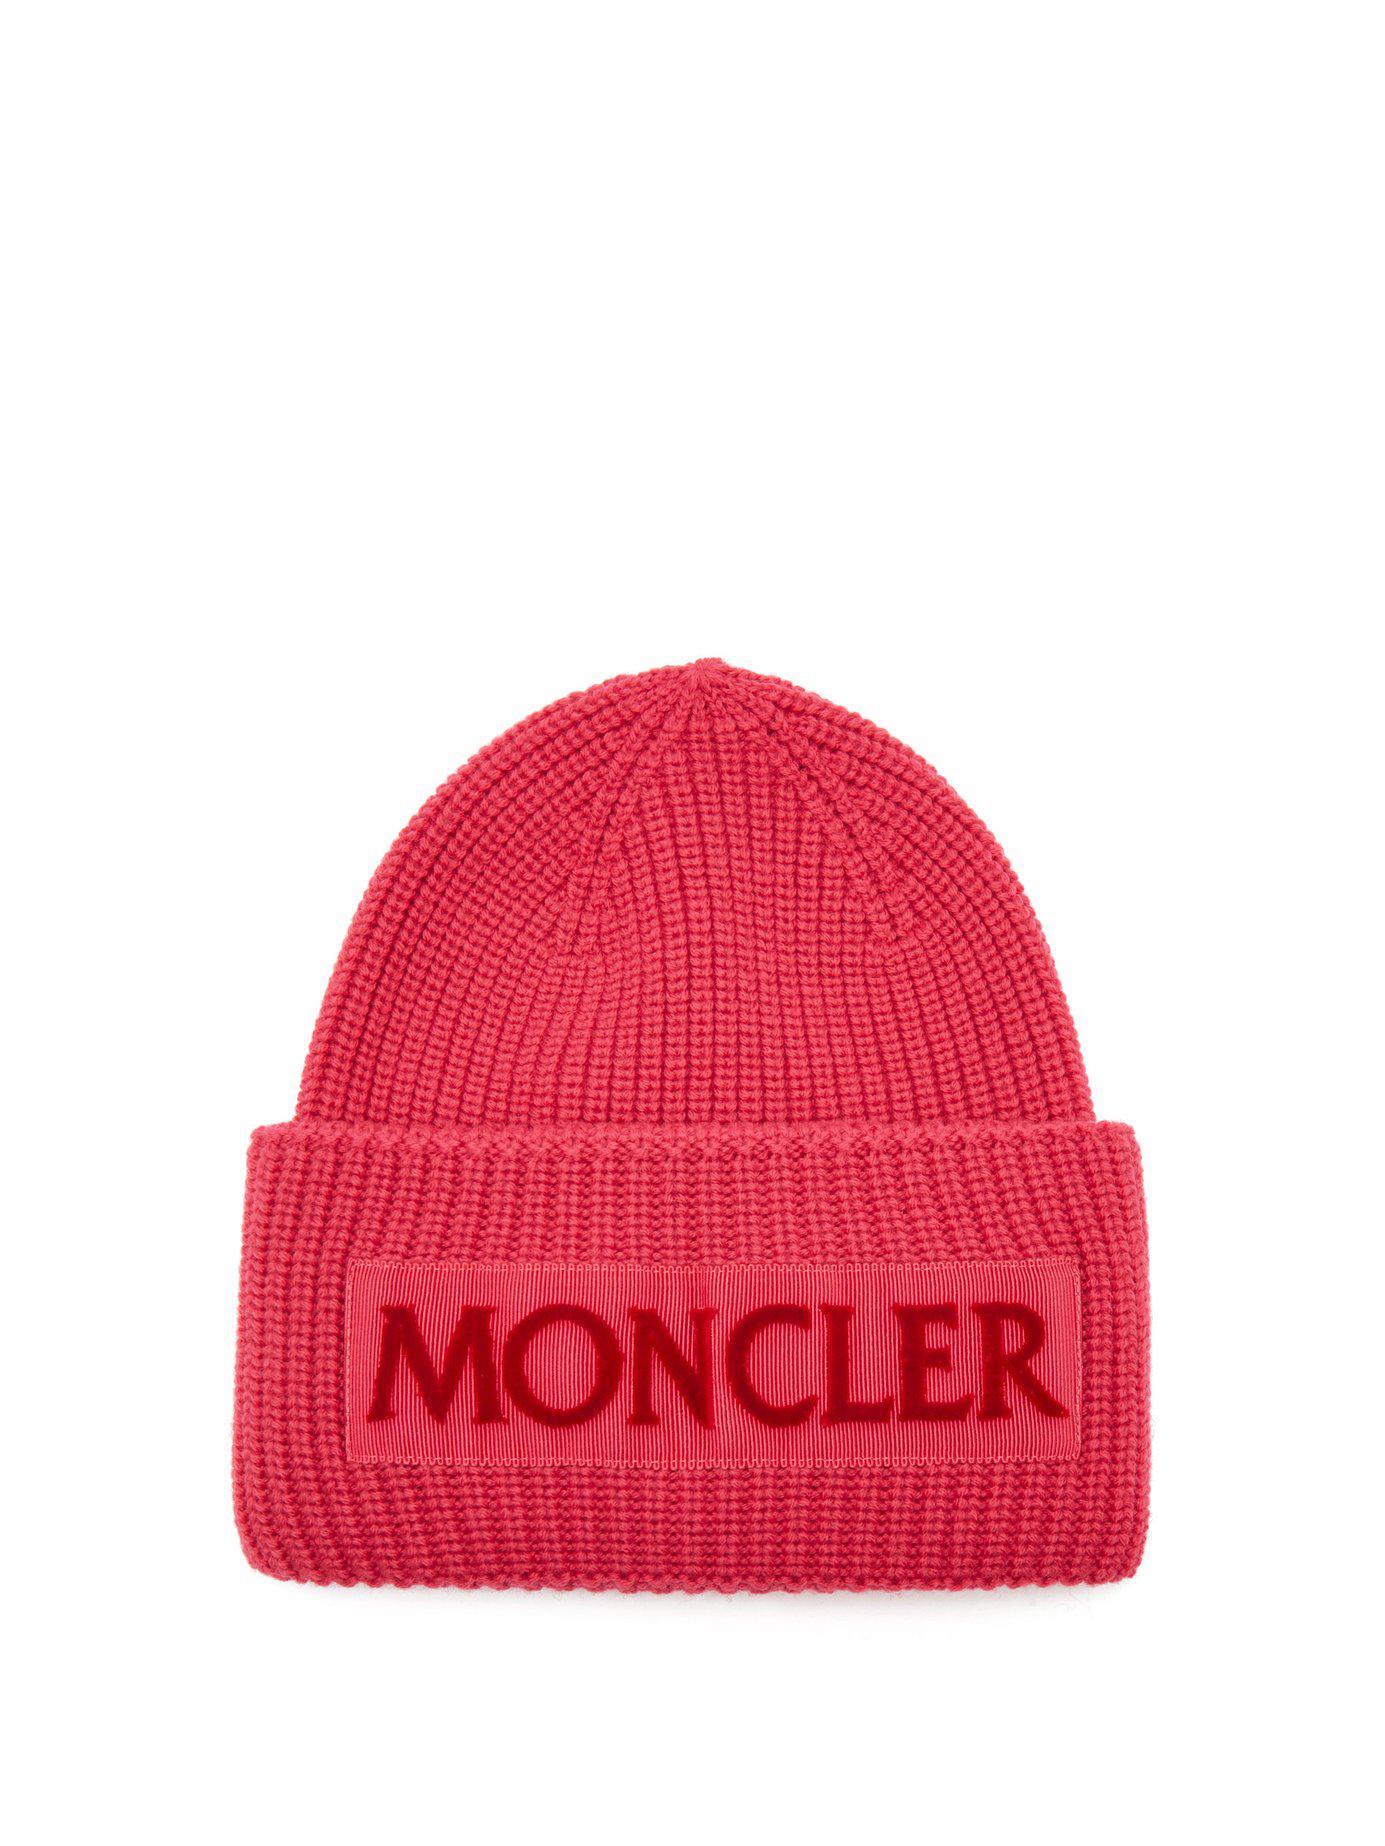 3fbfd6fe718 ... new list d13f2 ec0e3 Moncler - Pink Velvet Logo Wool Beanie Hat - Lyst.